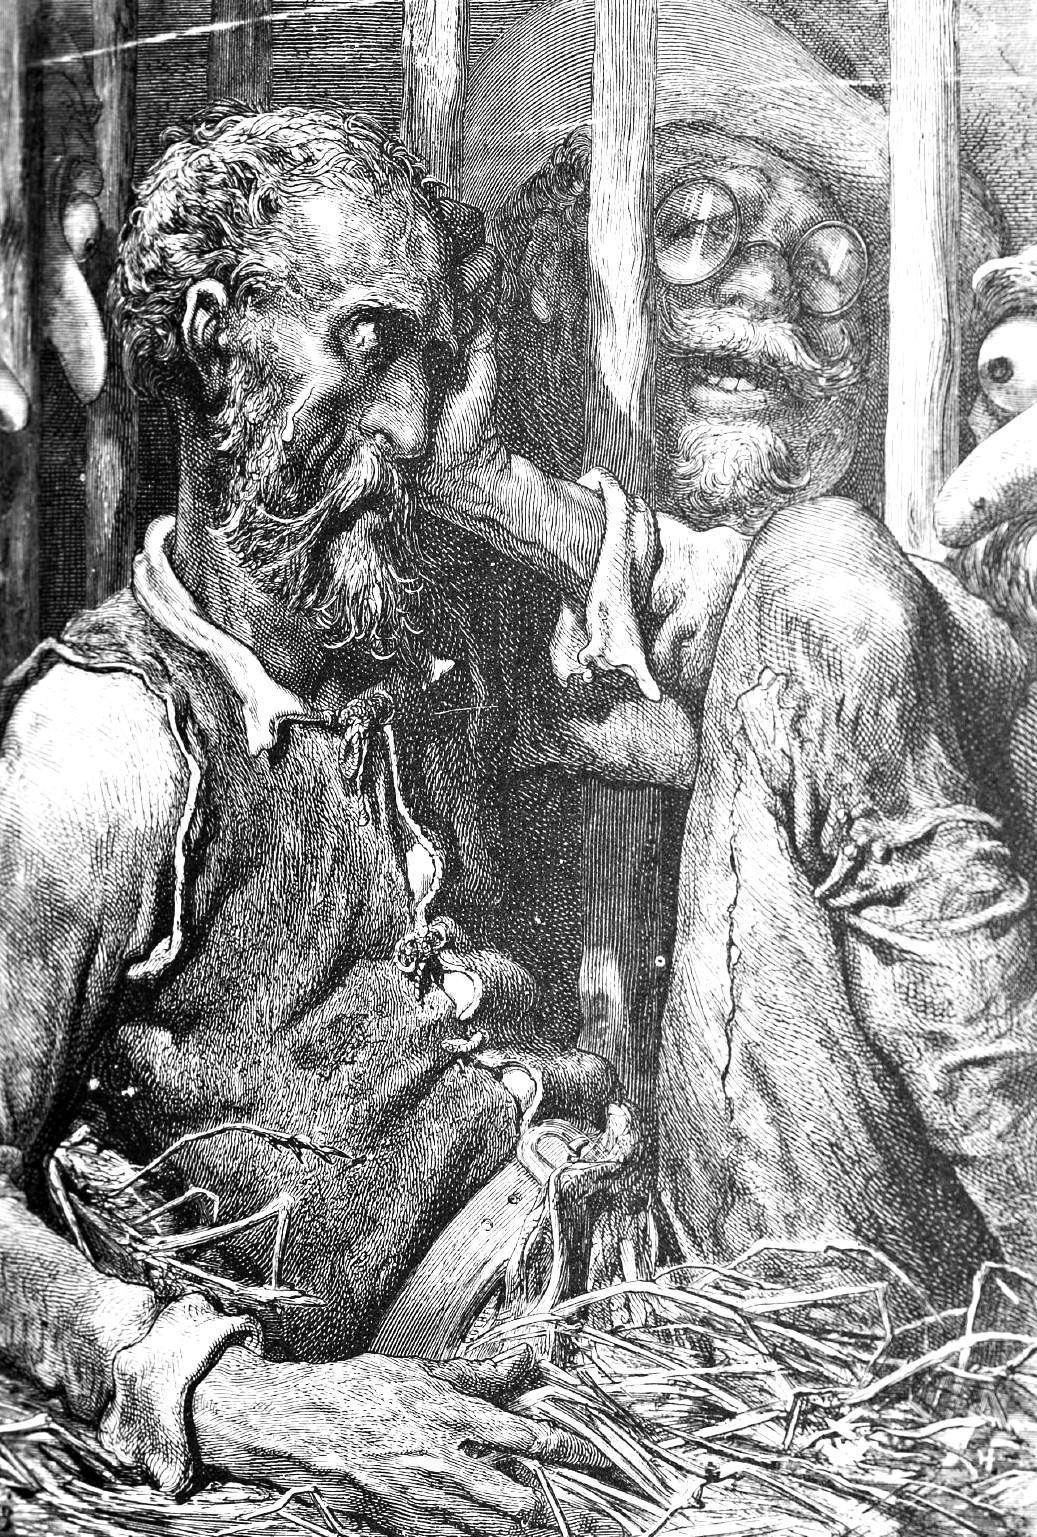 Ilustración del Quijote. Obra de Gustavo Doré (1832-1883)